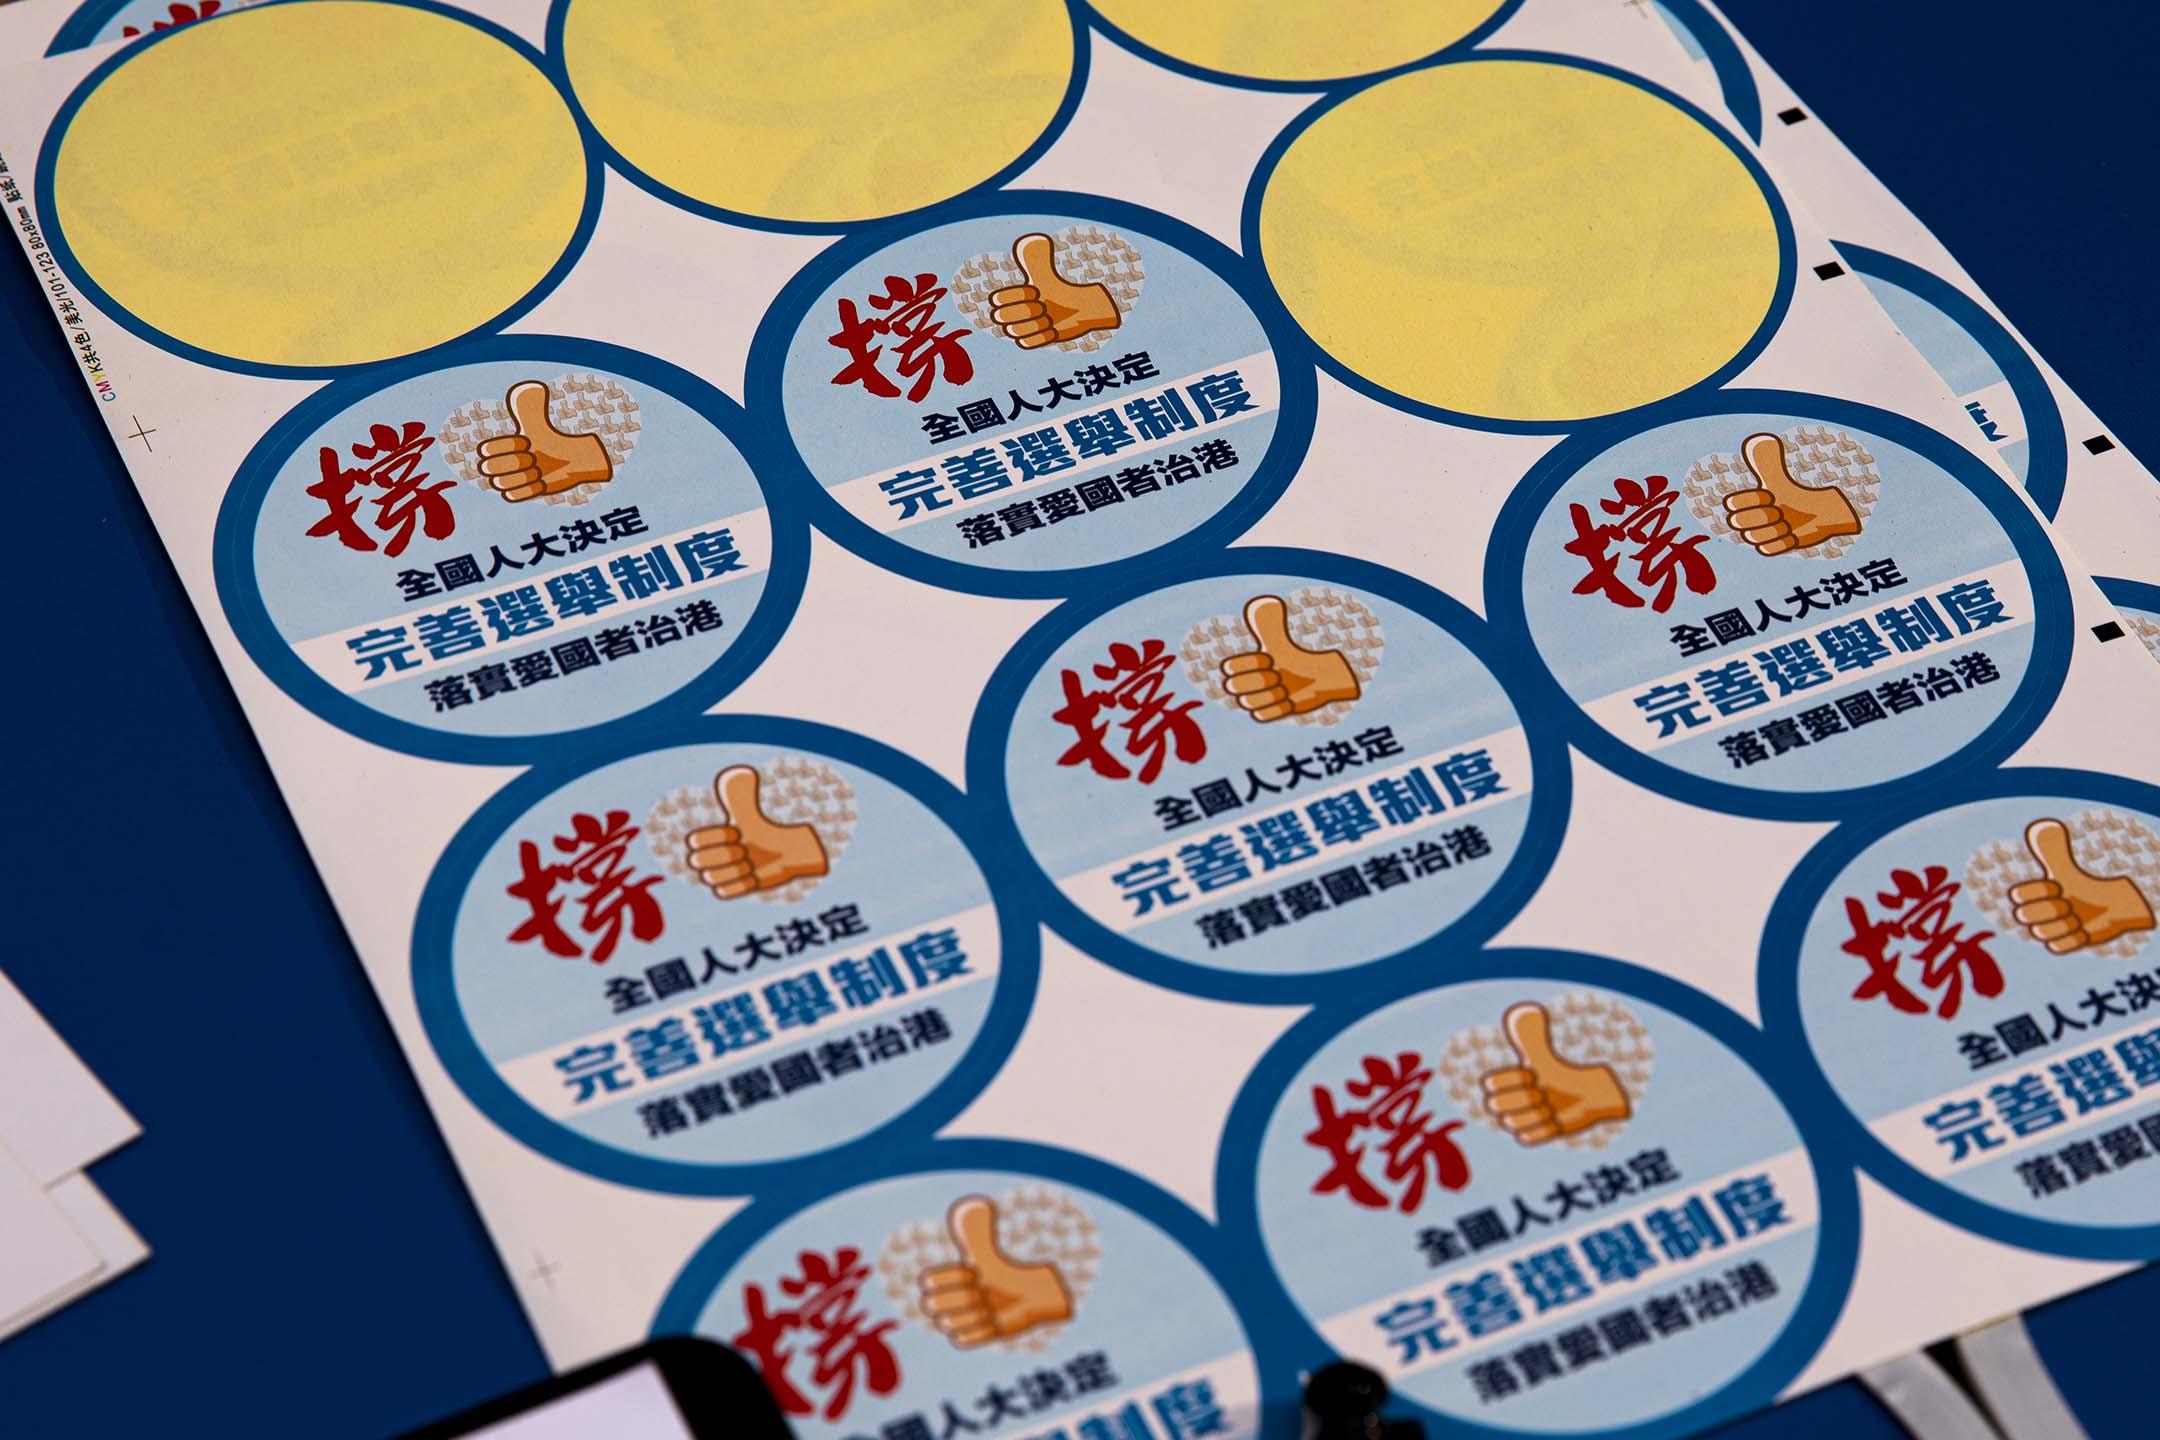 2021年3月12日灣仔,一個支持香港選舉改制的街站上,一堆派發給市民的貼紙。